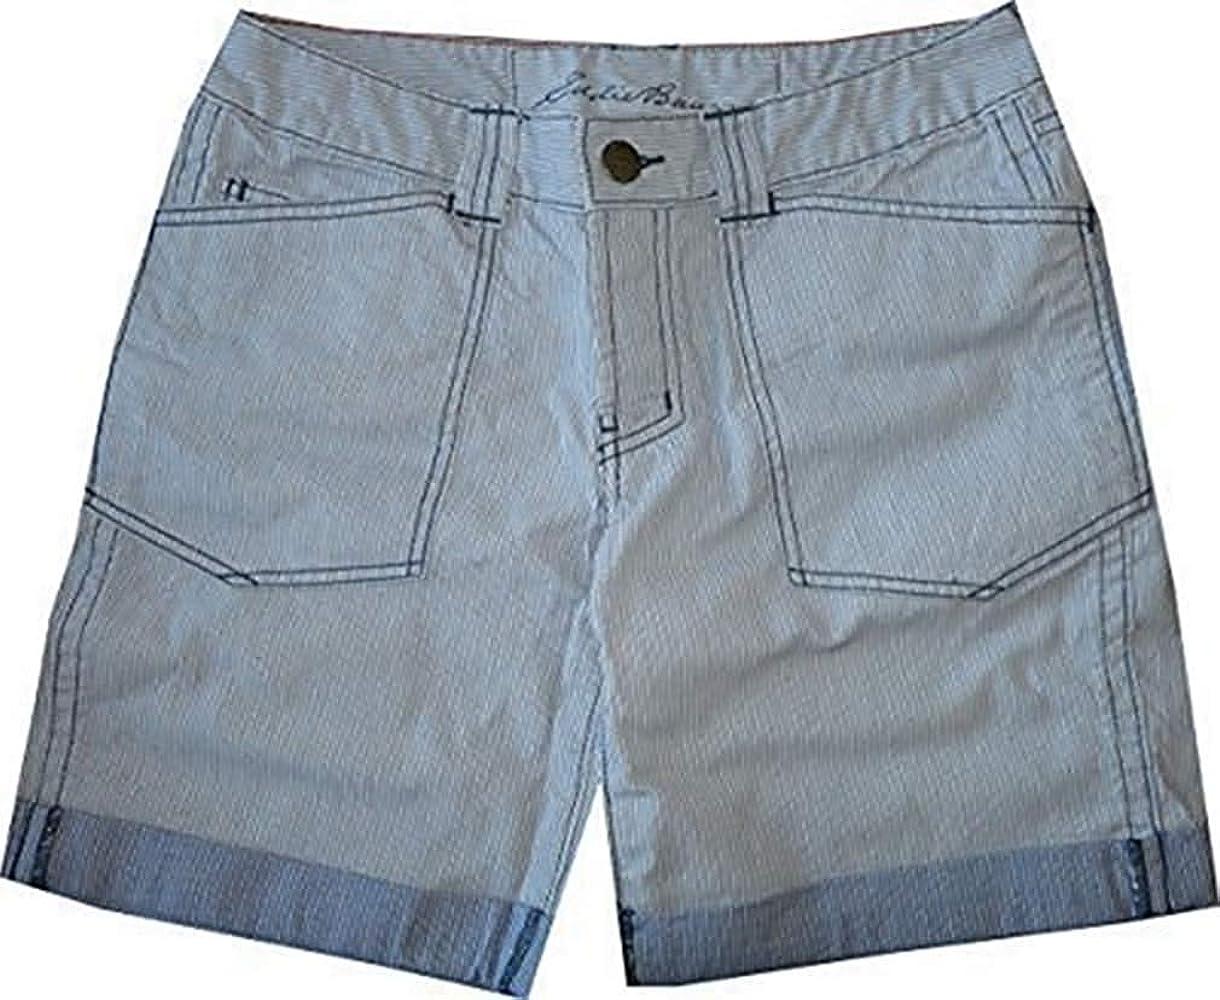 Shorts Pantalones cortos vaqueros Mujer de Eddie Bauer - algodón ...